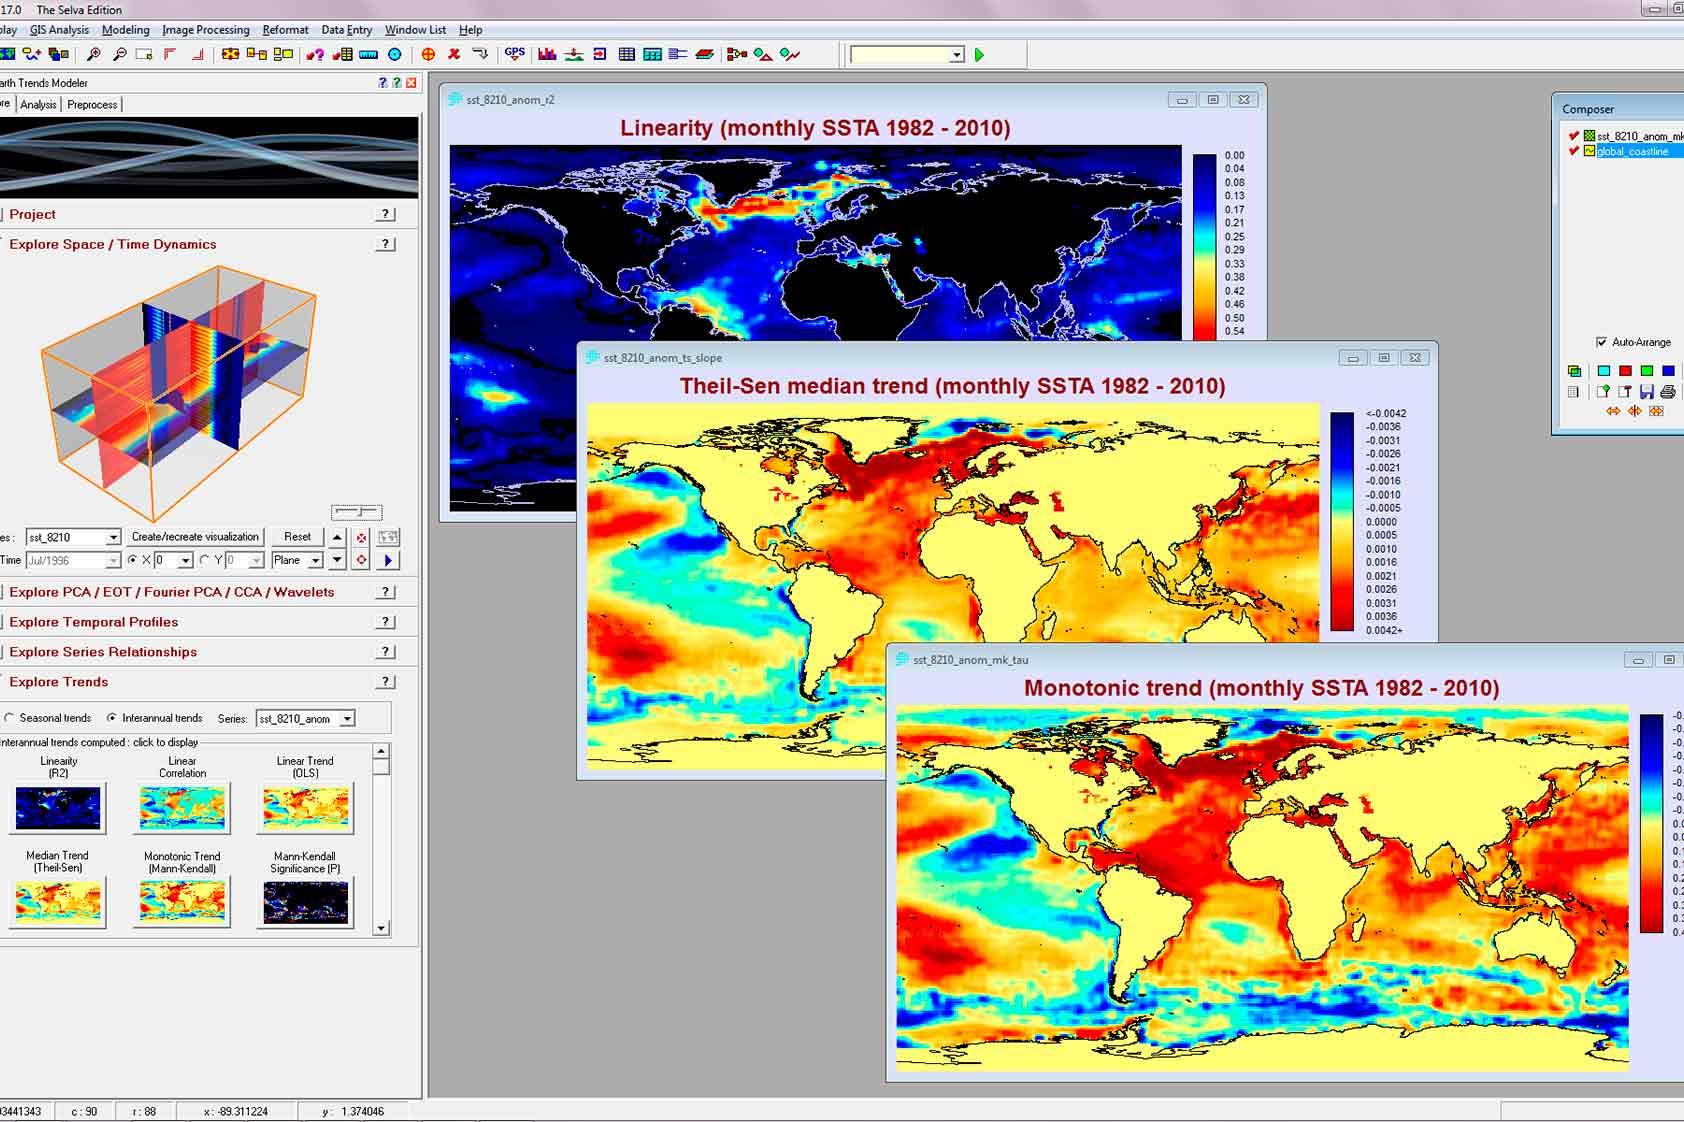 Imágenes de monitoreo de temperatura para diseñar mejores obras